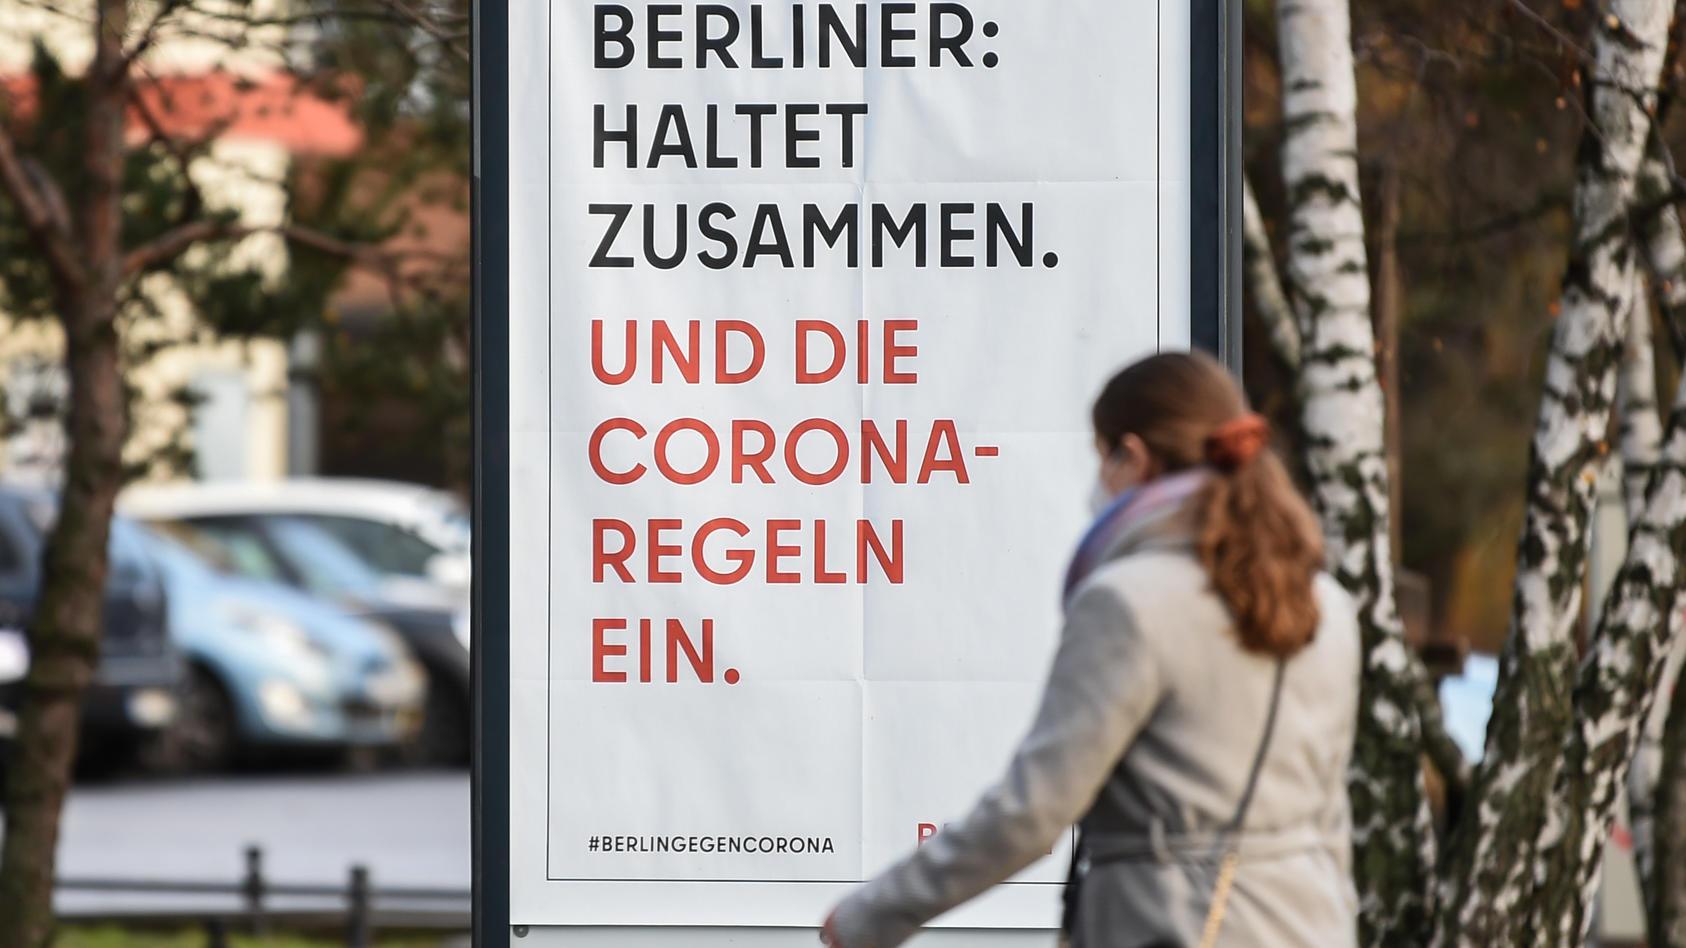 Die Menschen in Deutschland müssen wegen der Corona-Pandemie bis Ende Januar mit noch schärferen Einschränkungen leben.